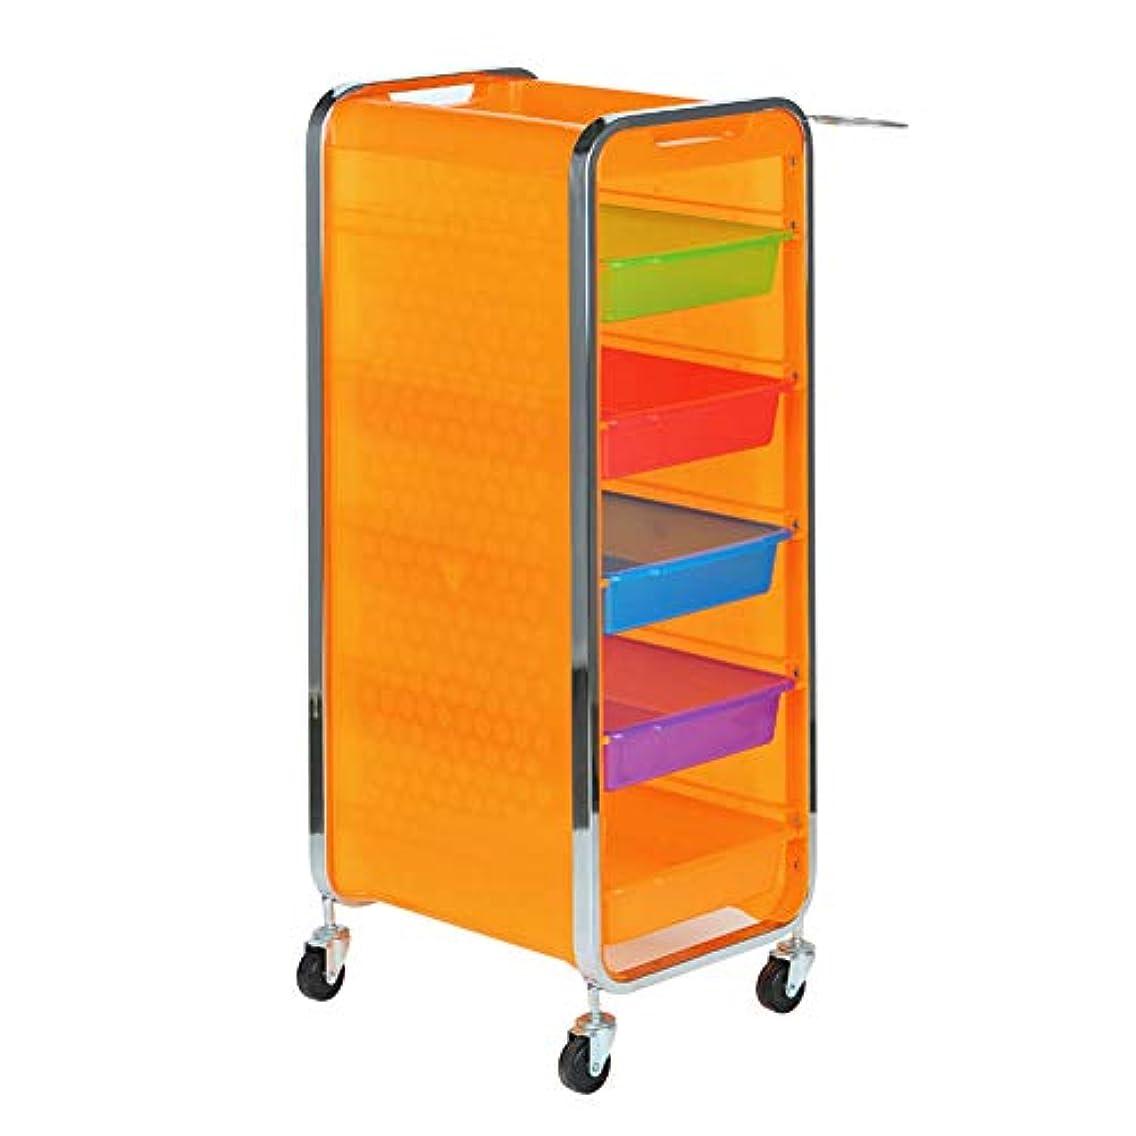 曲線ファウル夏サロン美容院トロリー美容美容収納カート6層トレイ多機能引き出し虹色,Orange,B